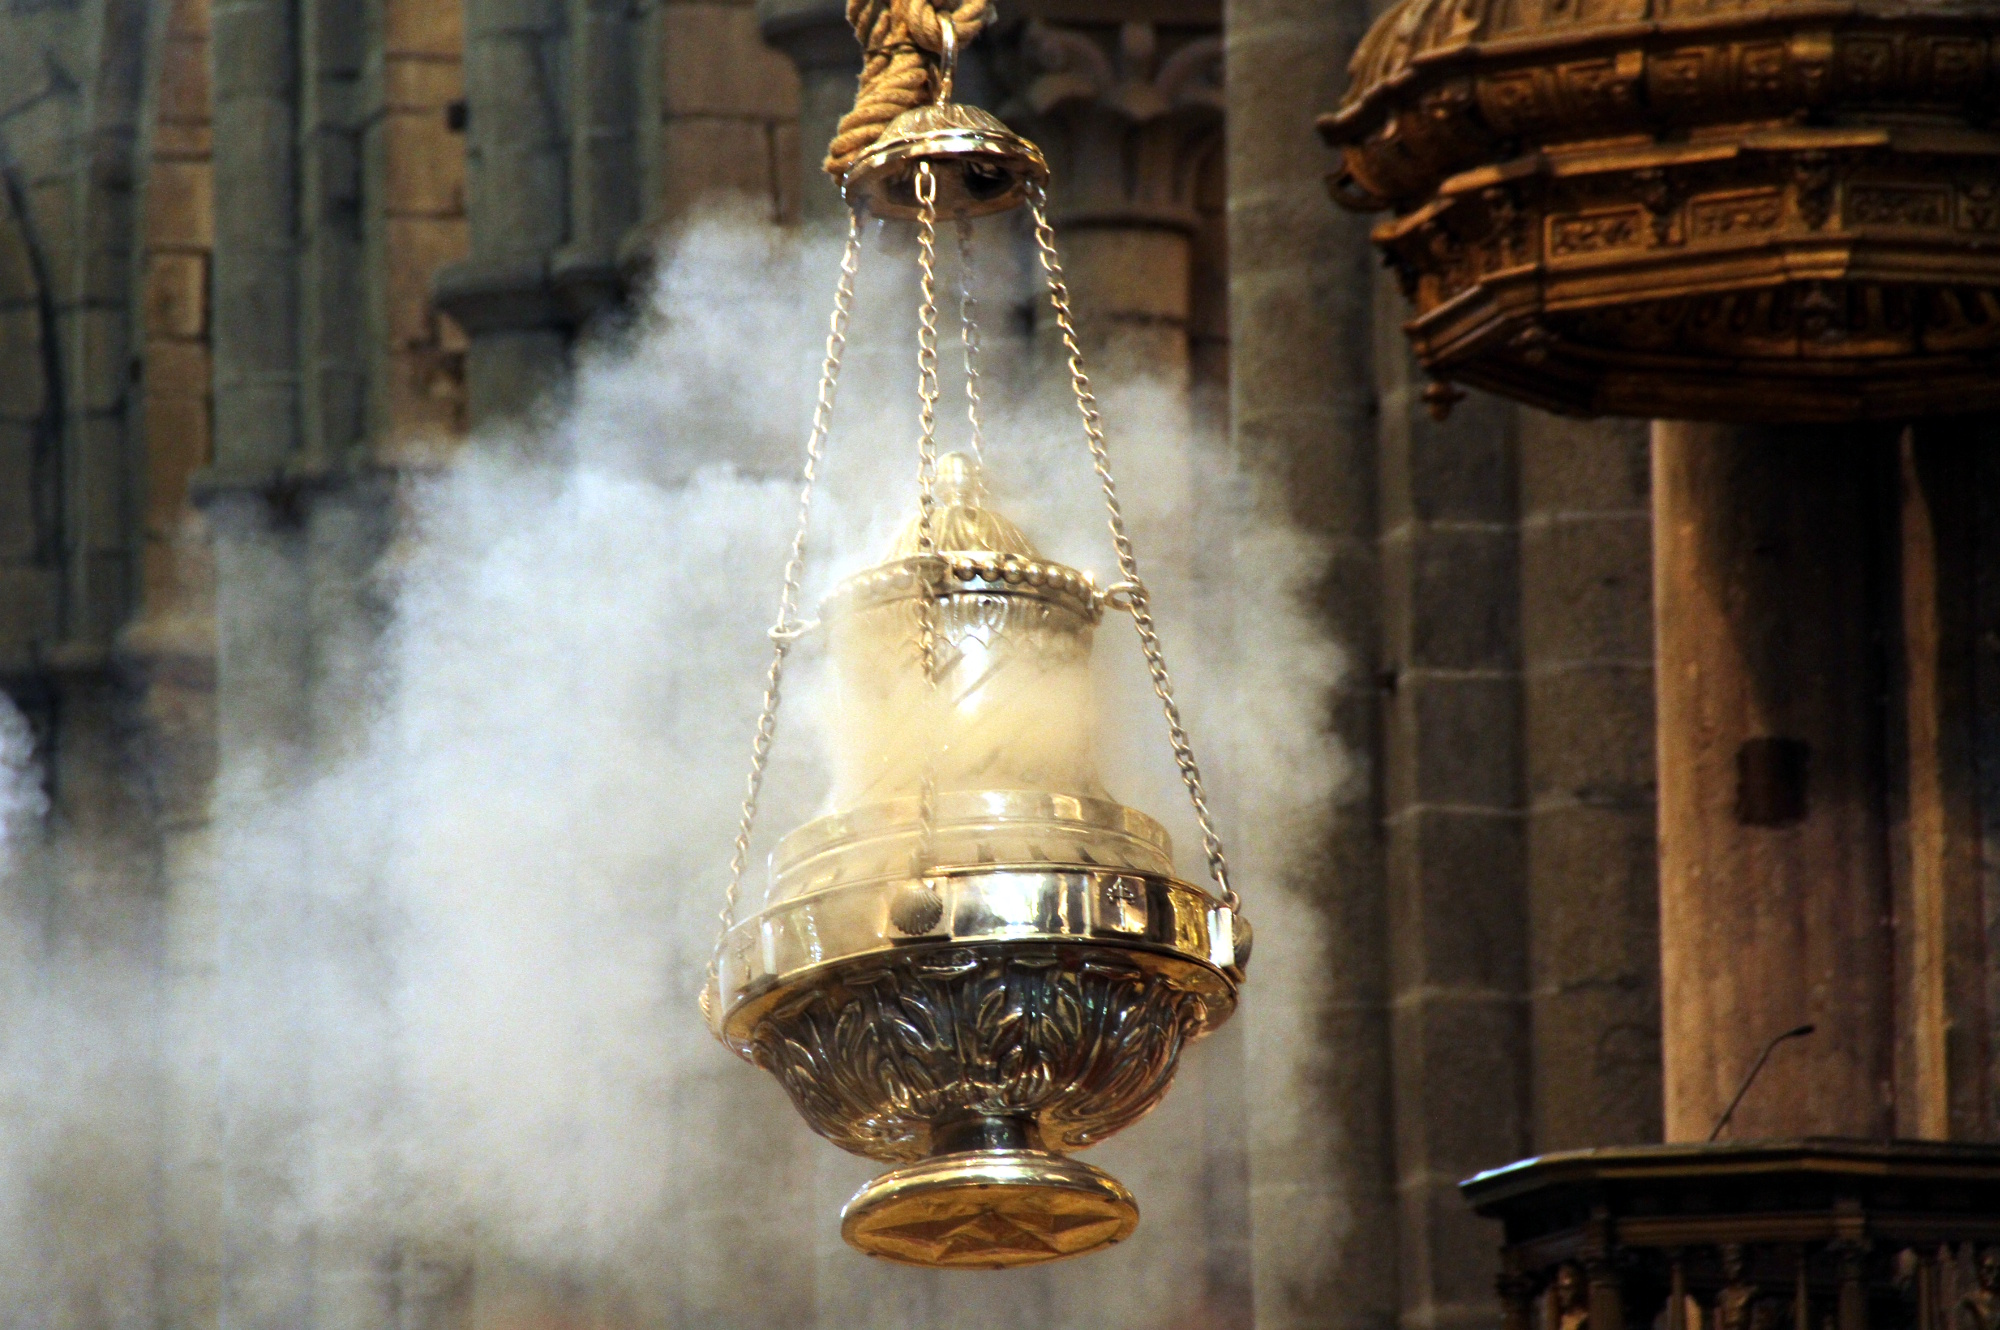 Detalhe do incensário da tradicional 'Missa dos Peregrino', na Catedral de Santiago de Compostela, última etapa do 'Caminho Norte', na Espanha (foto: Eduardo Vessoni)